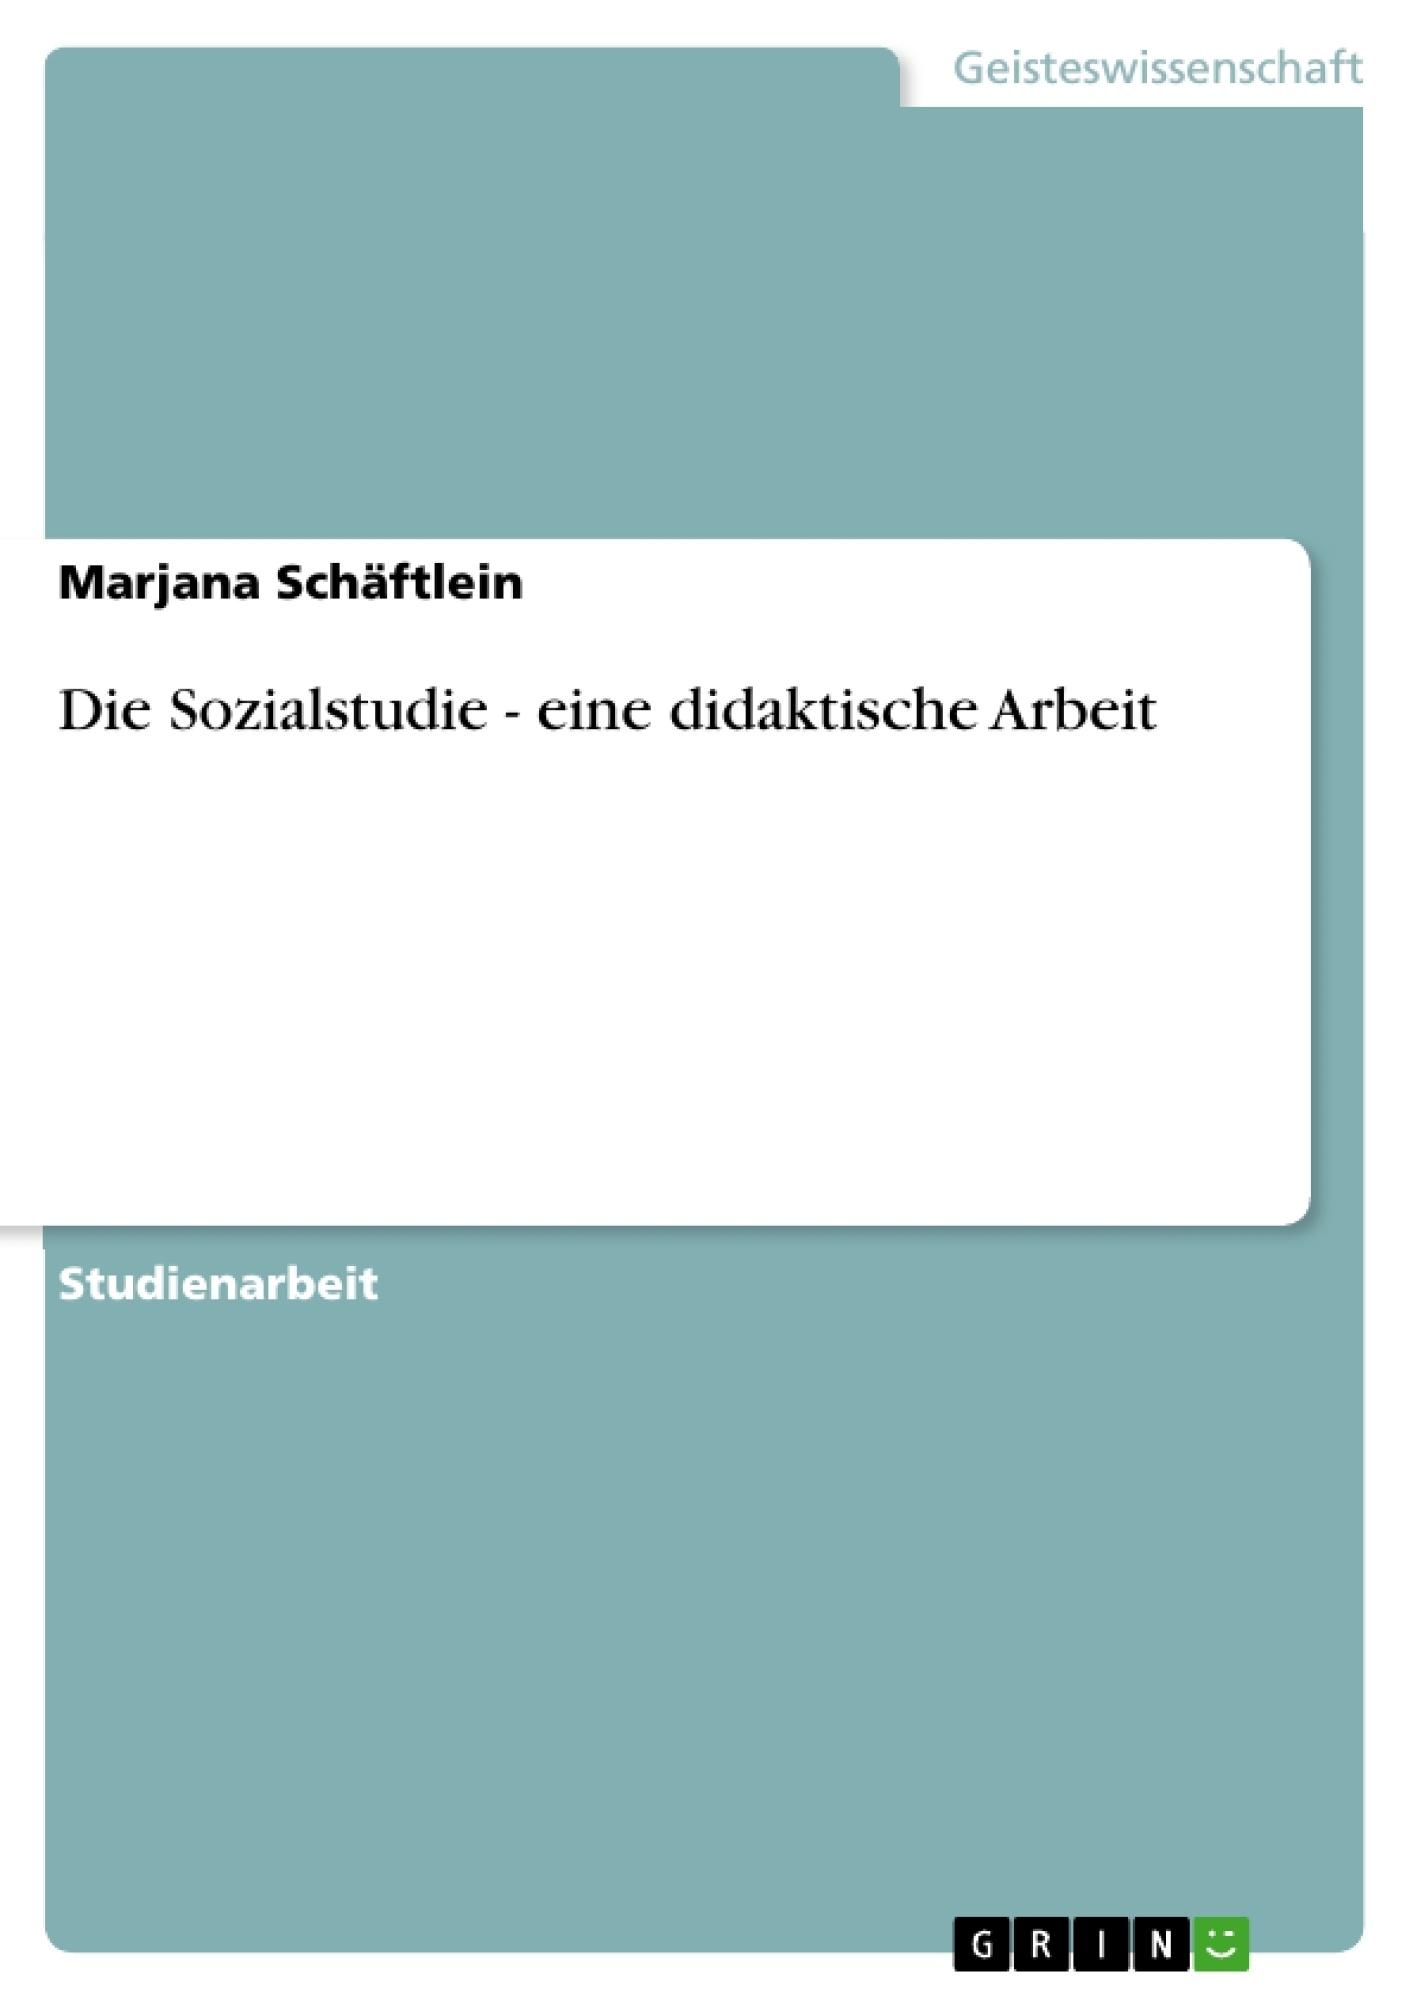 Titel: Die Sozialstudie - eine didaktische Arbeit